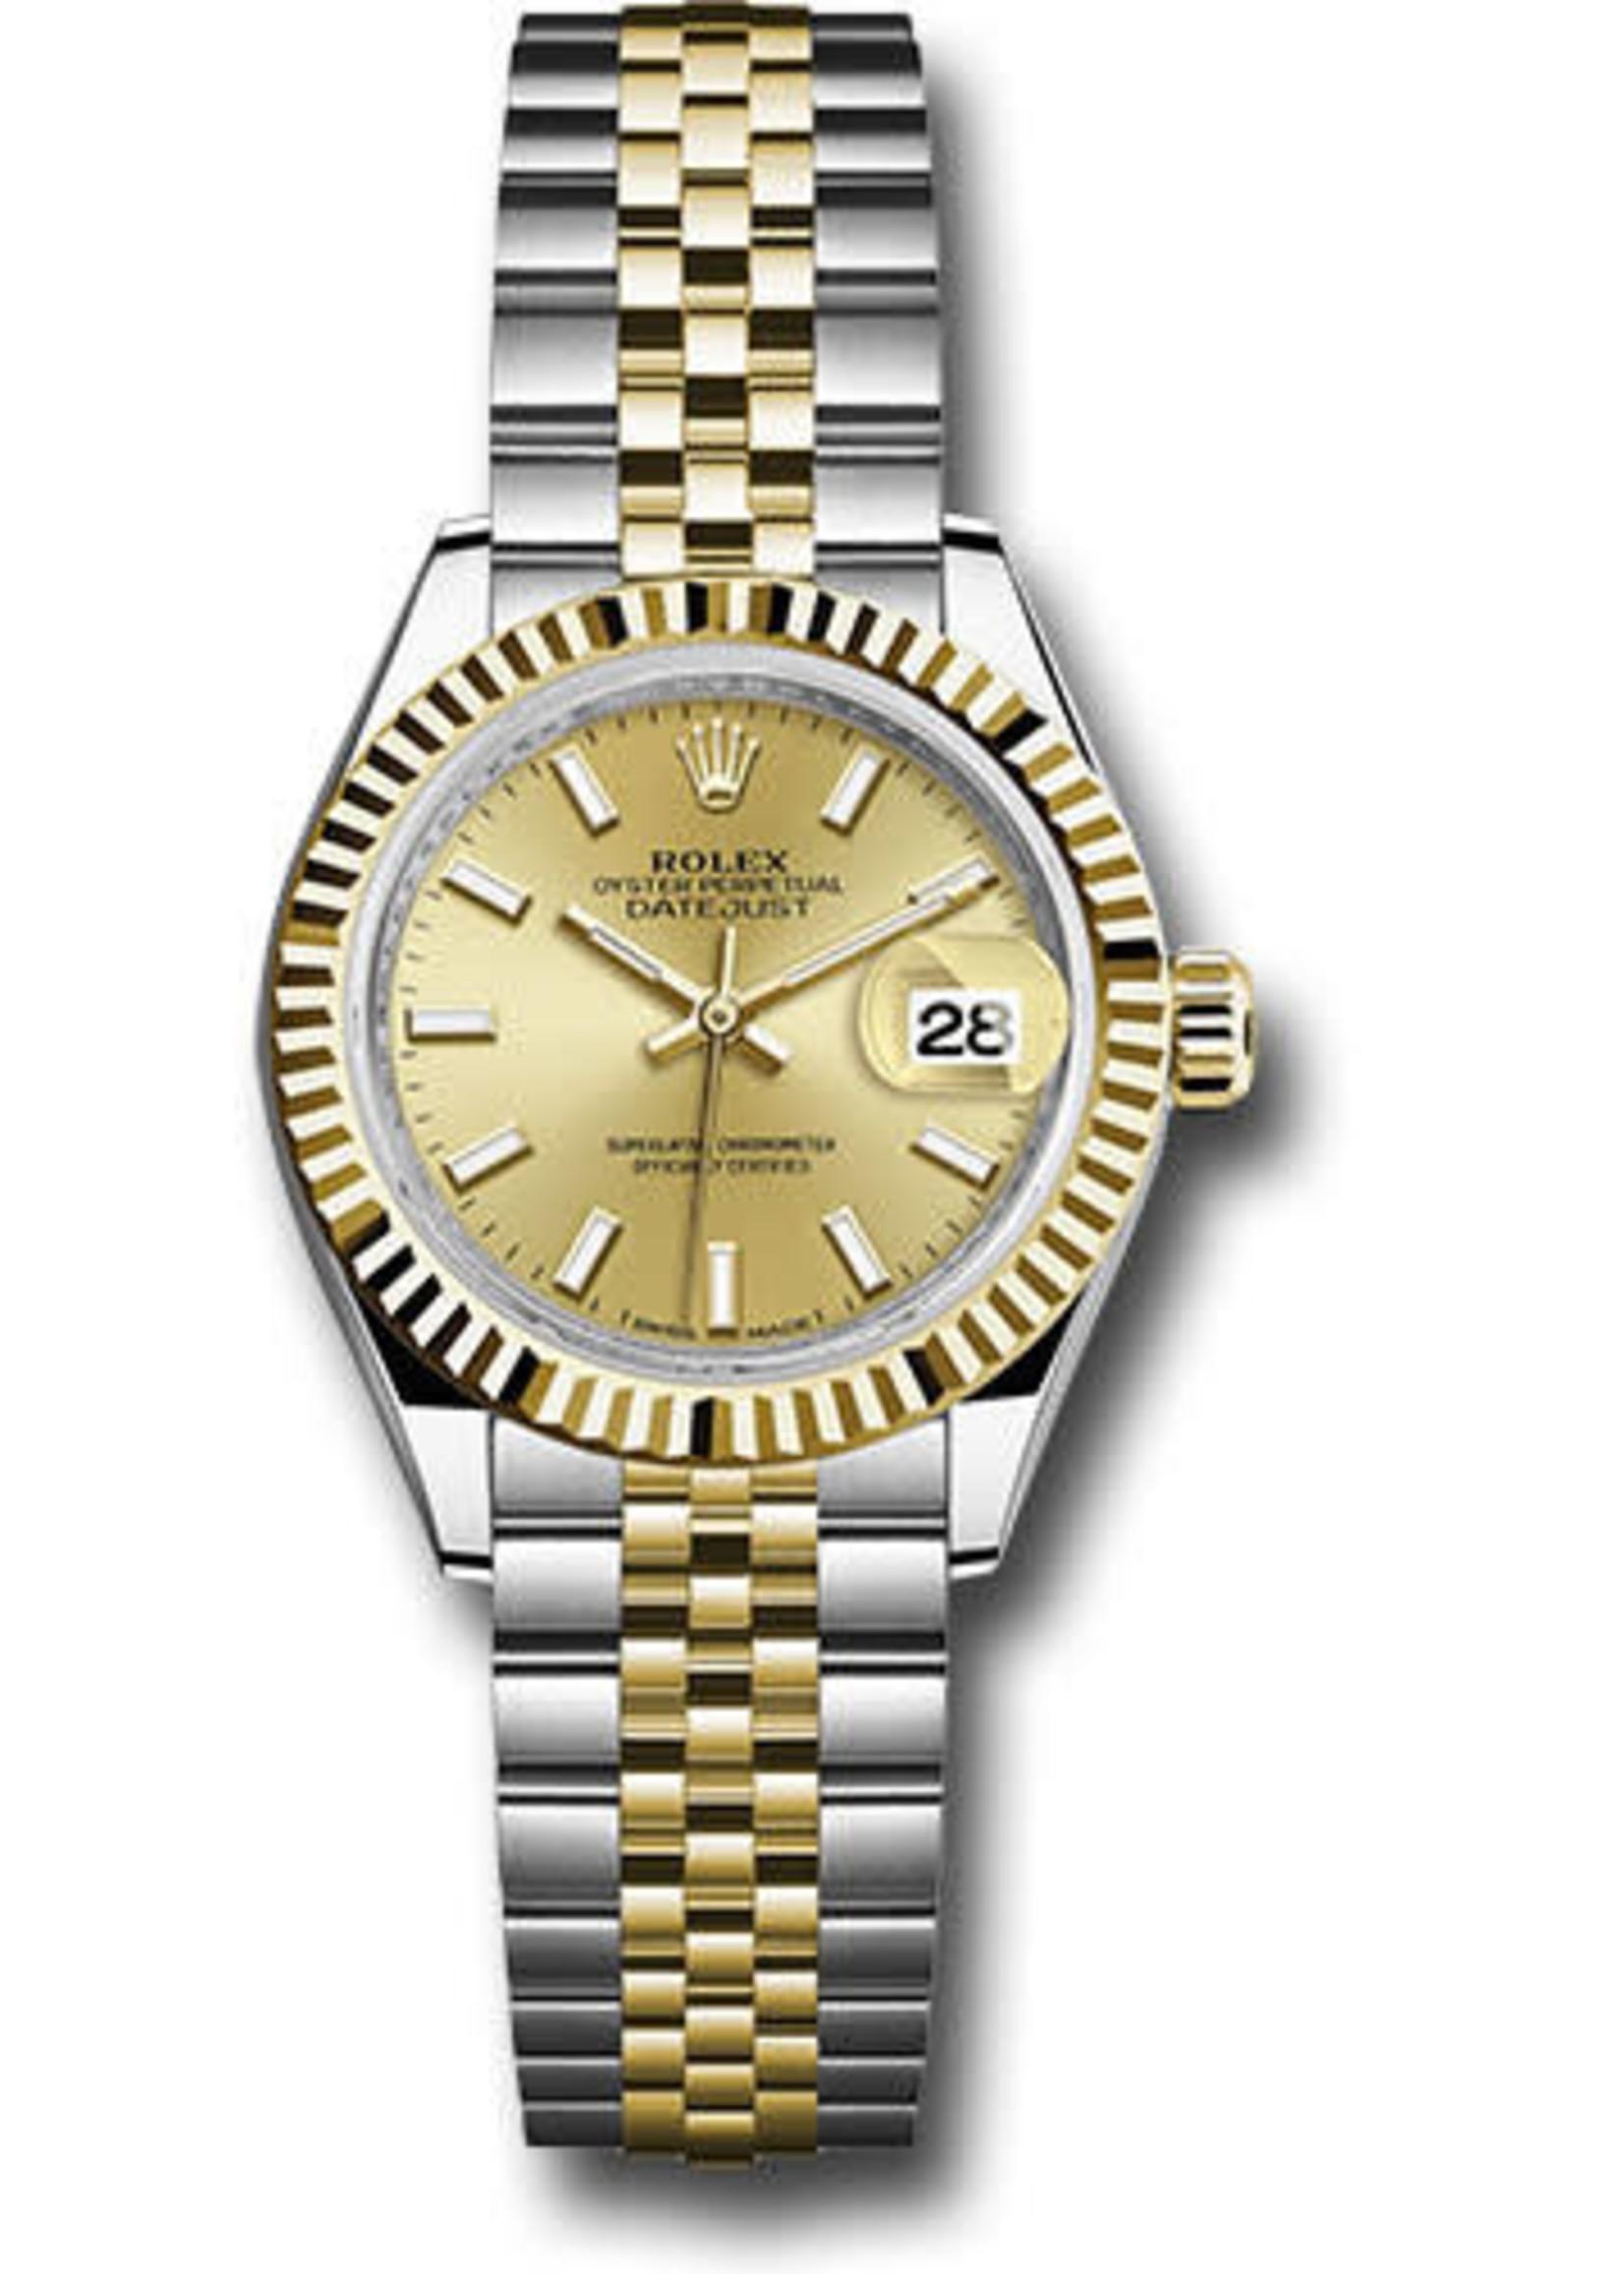 Rolex ROLEX DATEJUST 26MM (NEW OLD STOCK) (2009 B+P) #179173